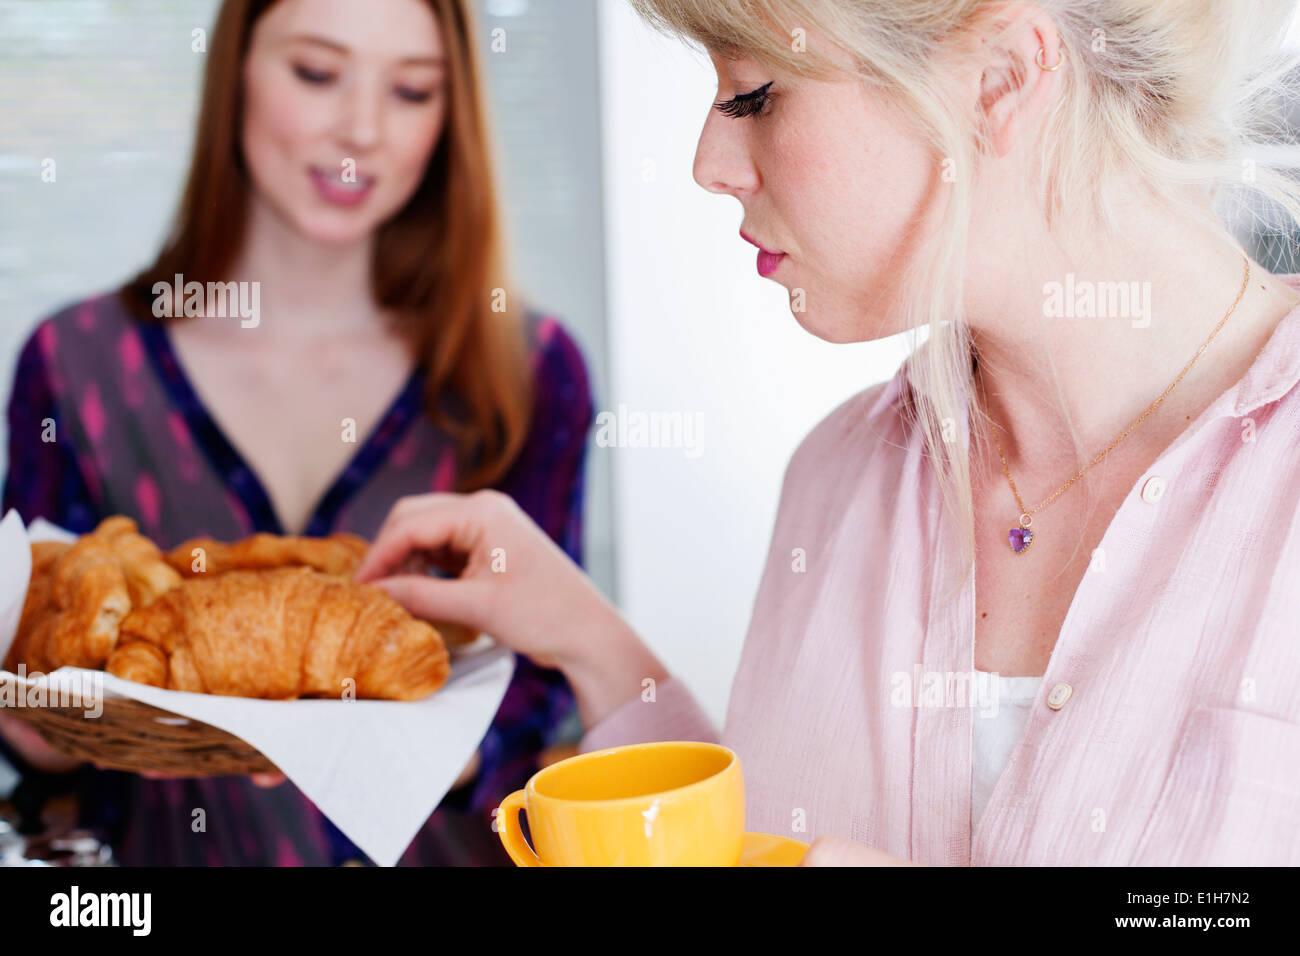 Les jeunes femmes avec des croissants Photo Stock